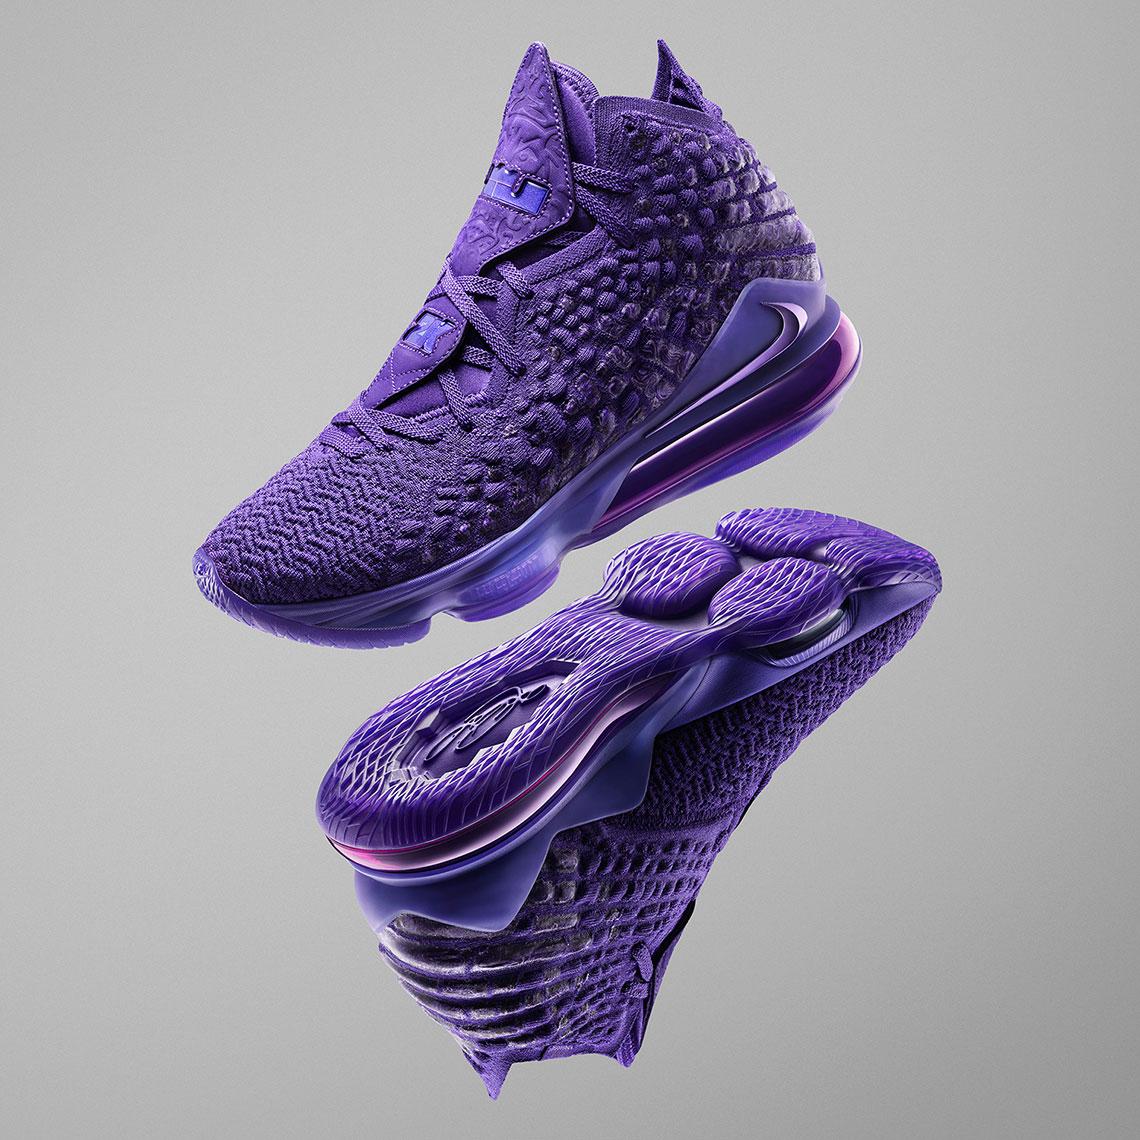 Nike LeBron 17 NBA 2K20 Gamer